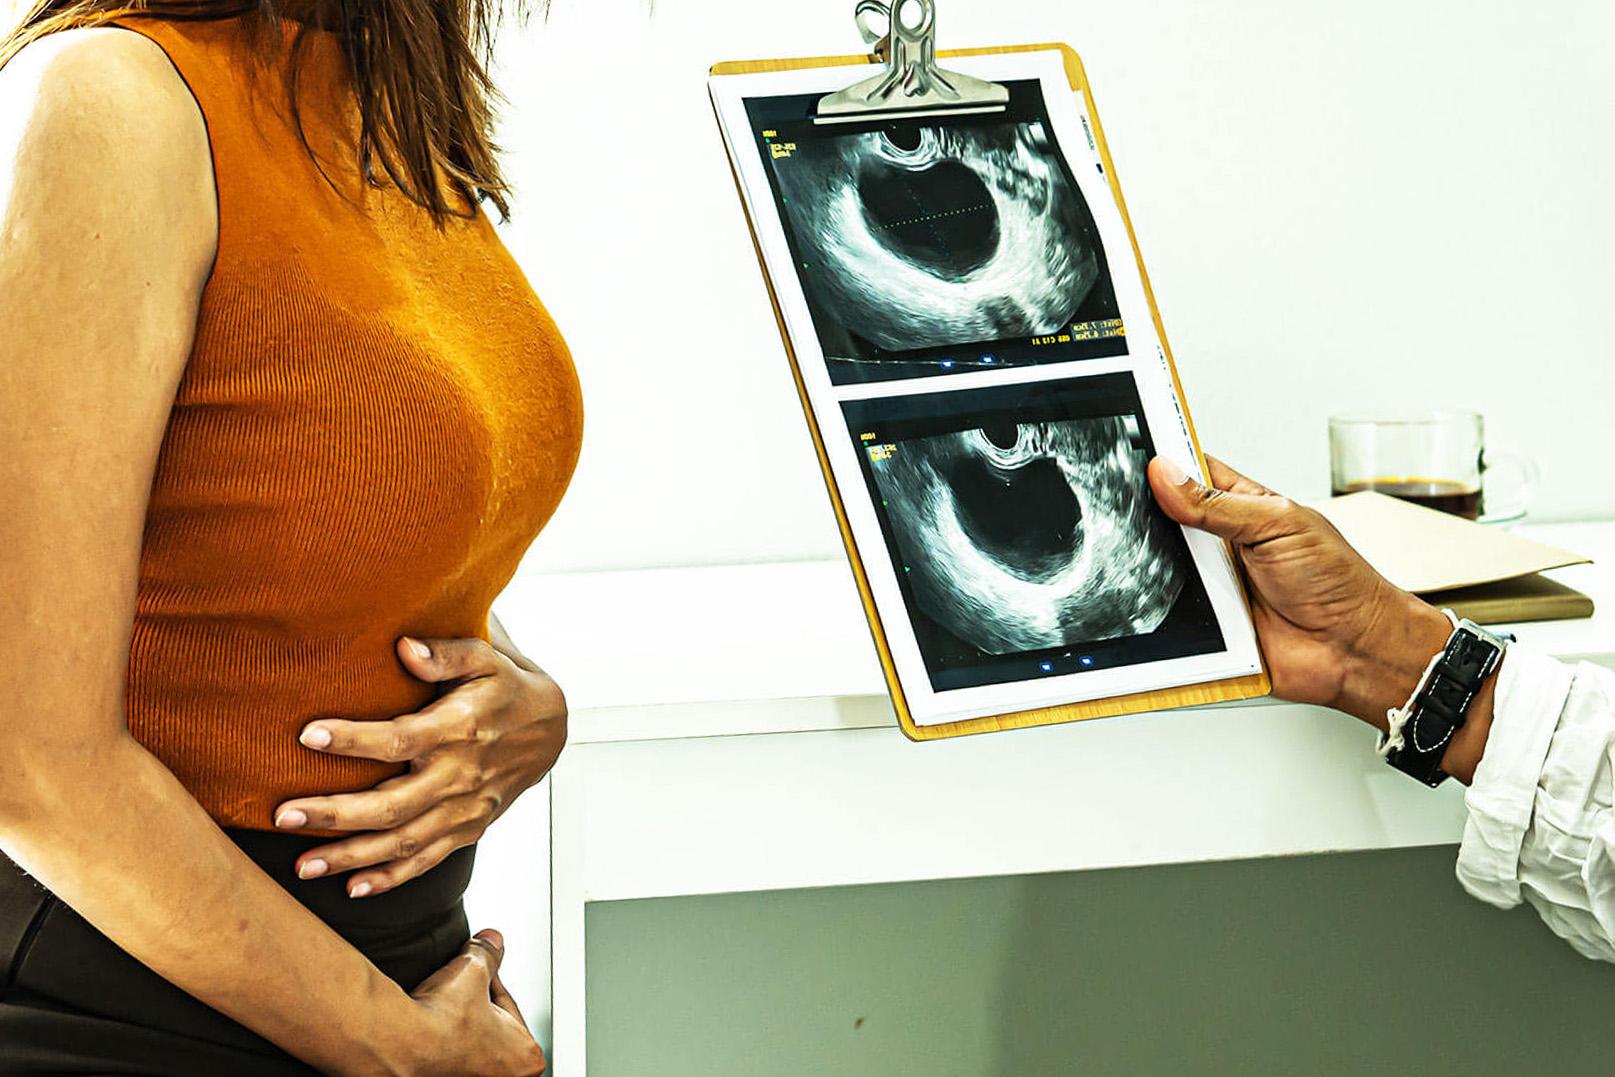 Симптомы и лечение разрыва кисты яичника. Срочная помощь при разрыве кисты